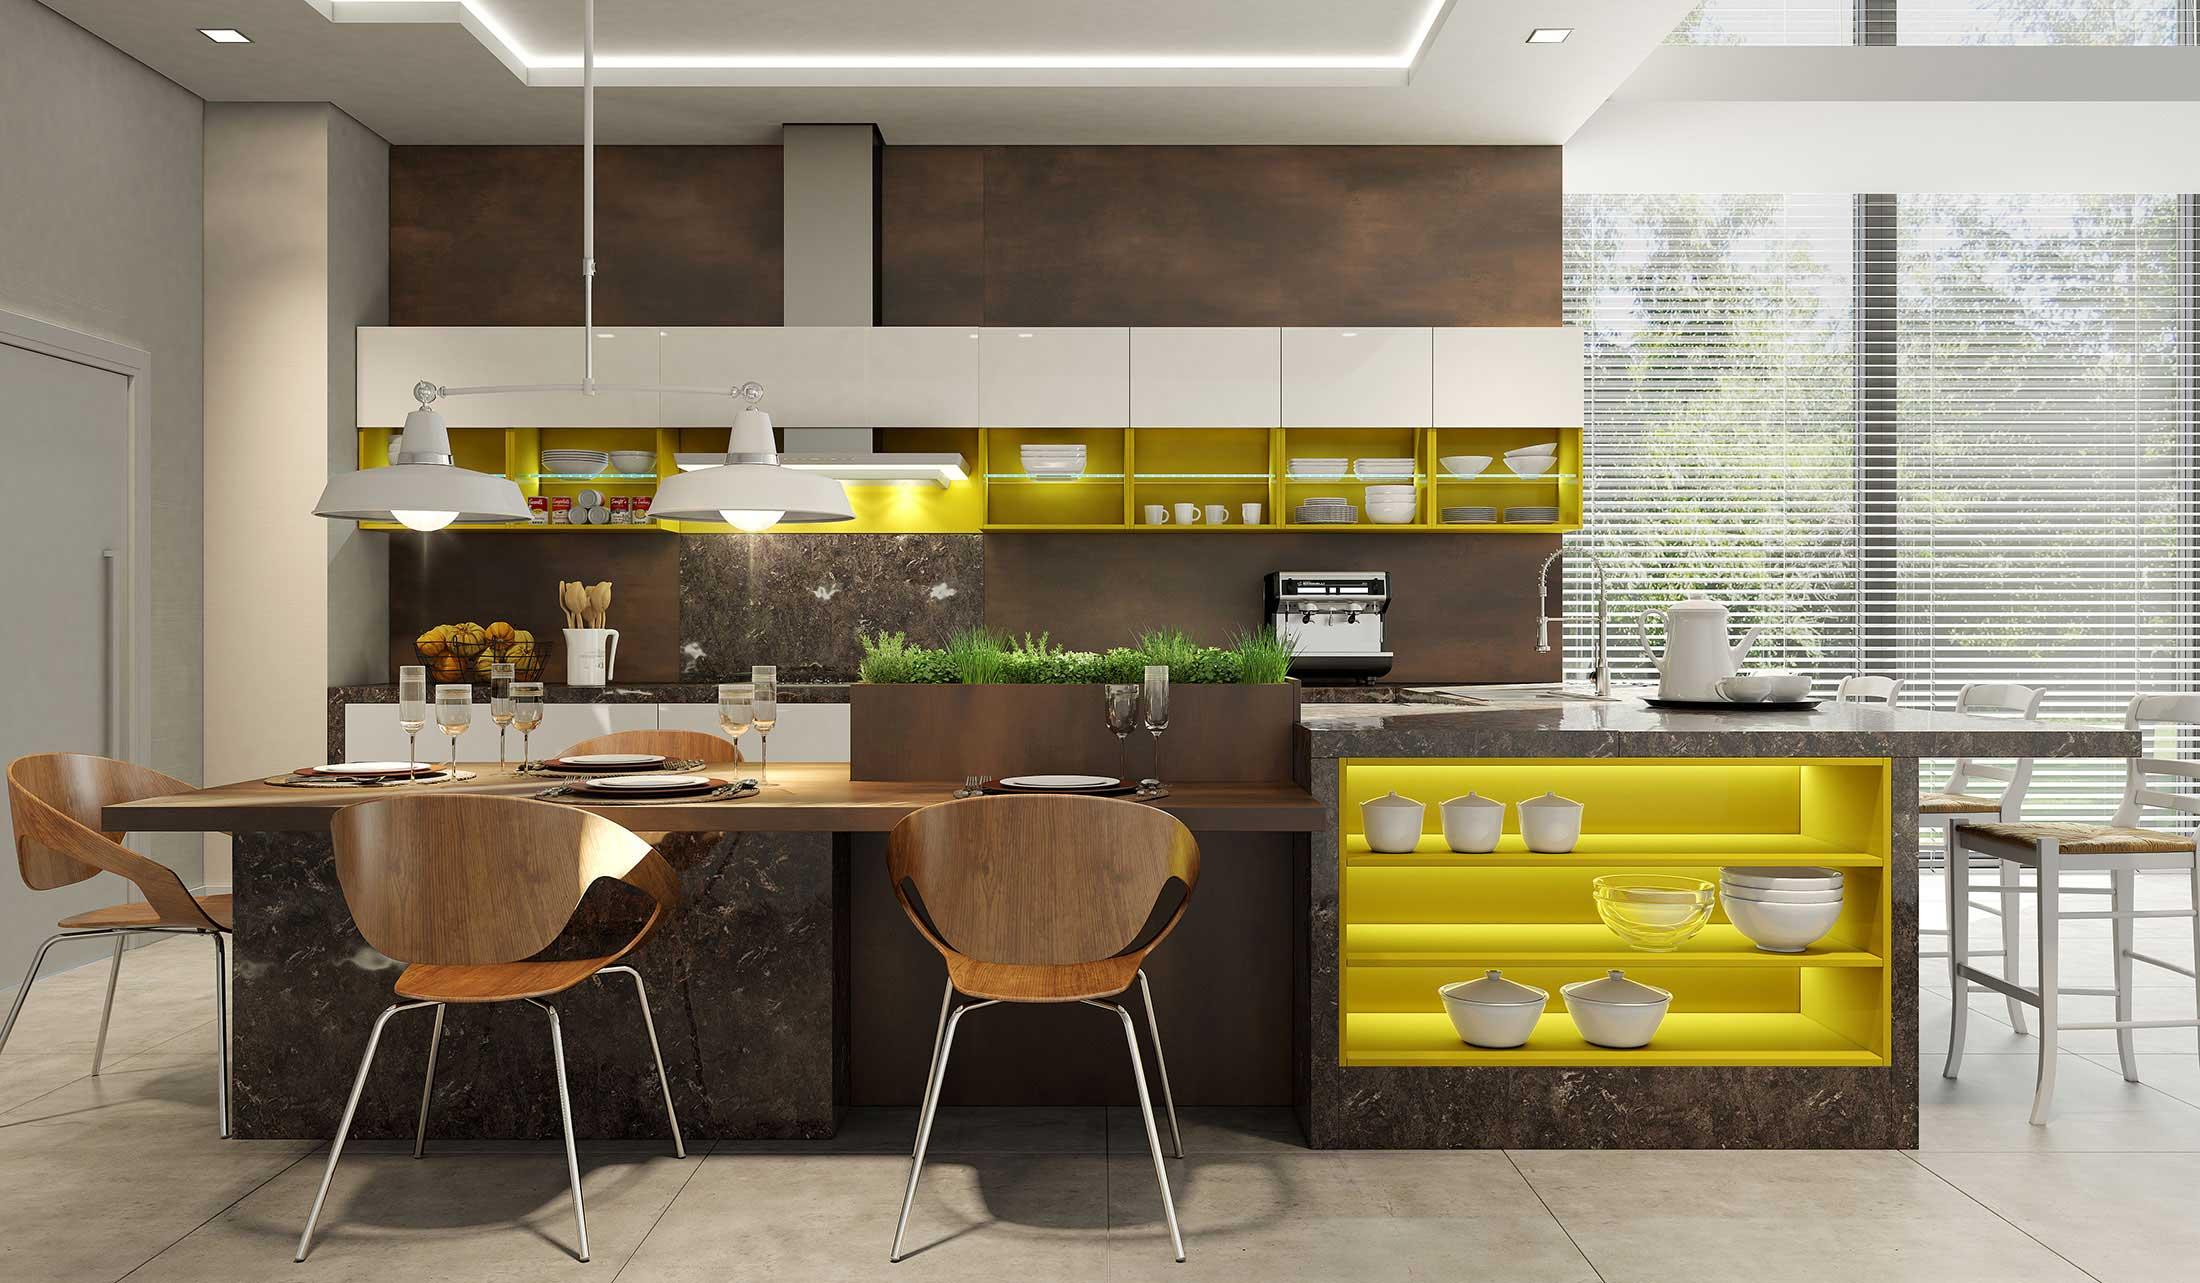 Cozinha Gourmet Planejada Cozinha Portas Espelho With Cozinha